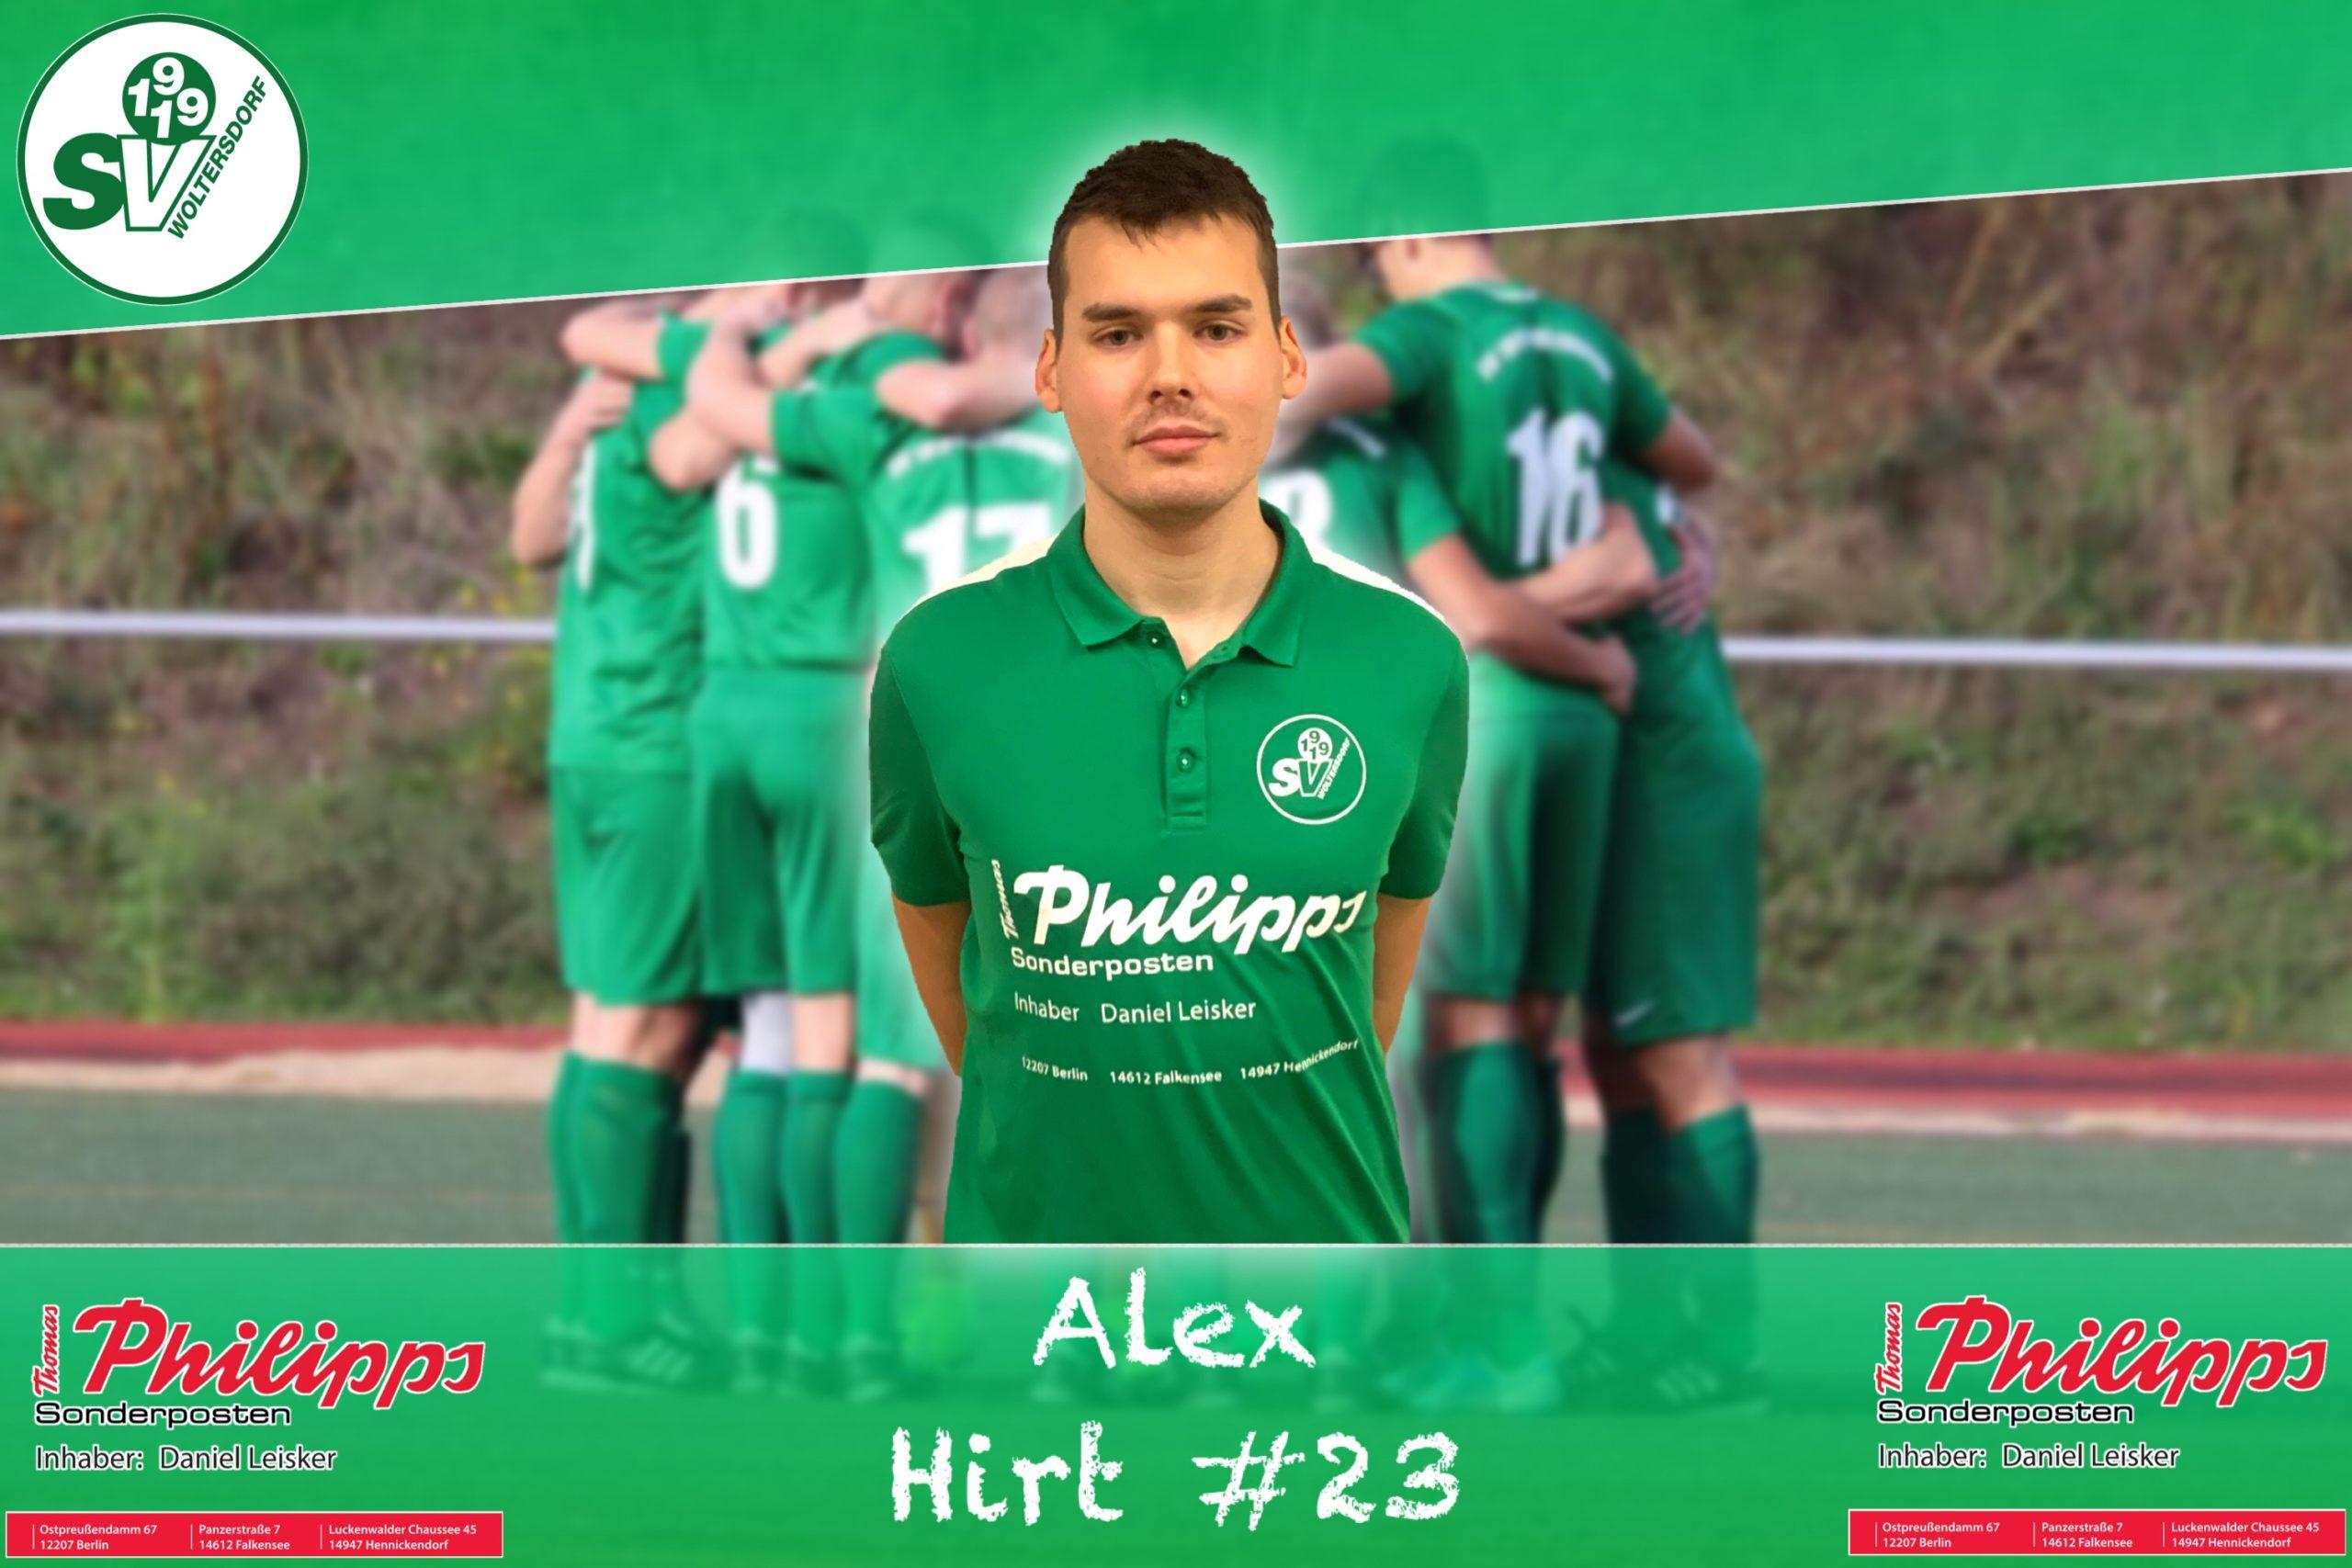 Alex Hirt